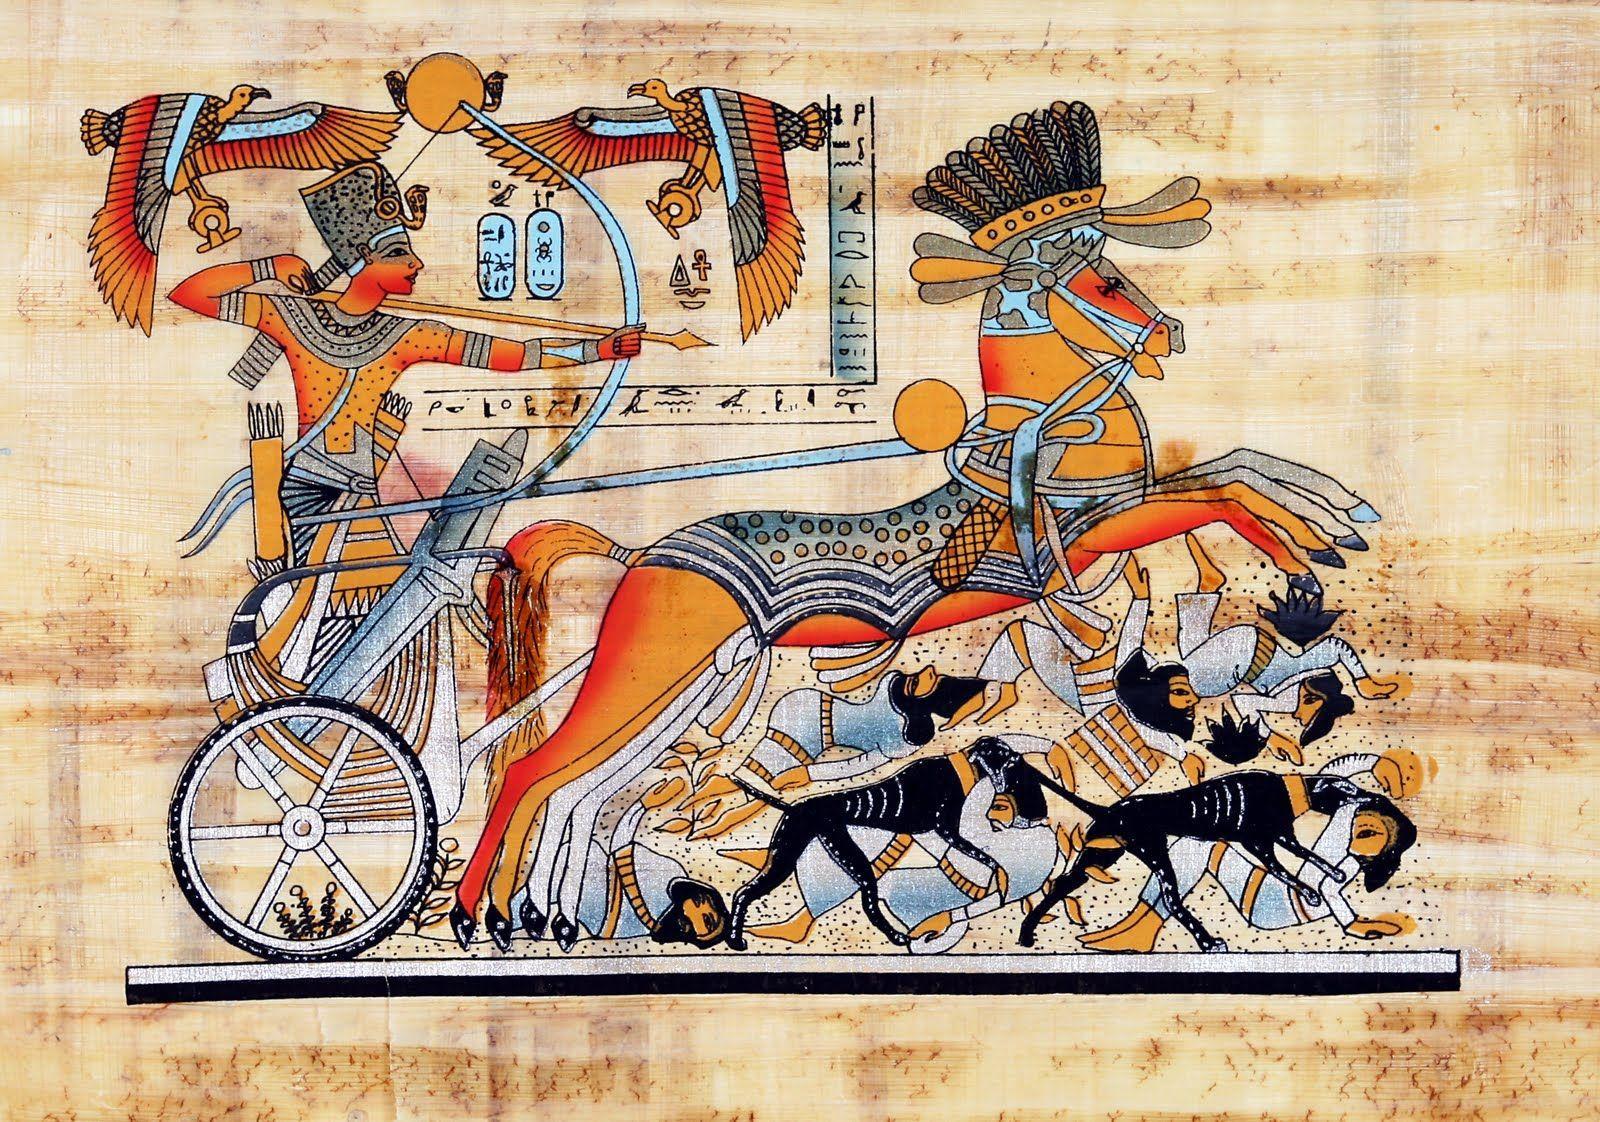 Antik Mısır'da İktidar, Düşündüğümüz Gibi Yabancı İstilâsıyla Değil, İçeriden Devrim ile Yıkılmış